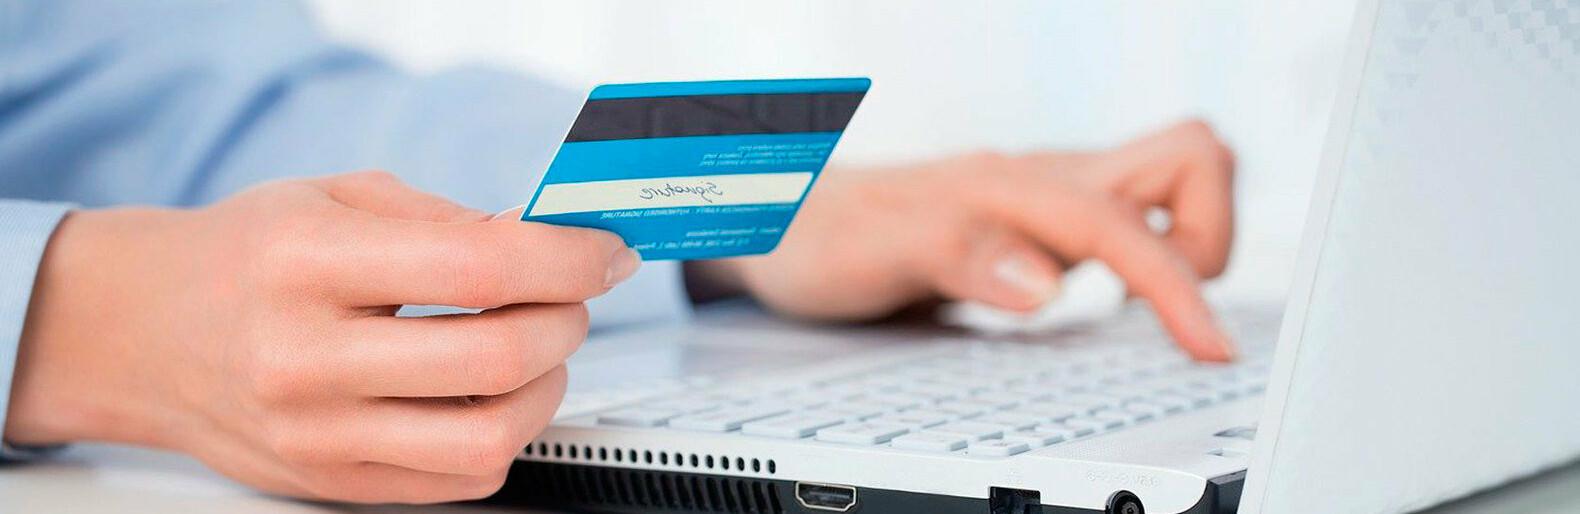 Оформление кредита на карту онлайн получить кредит под сельское хозяйство